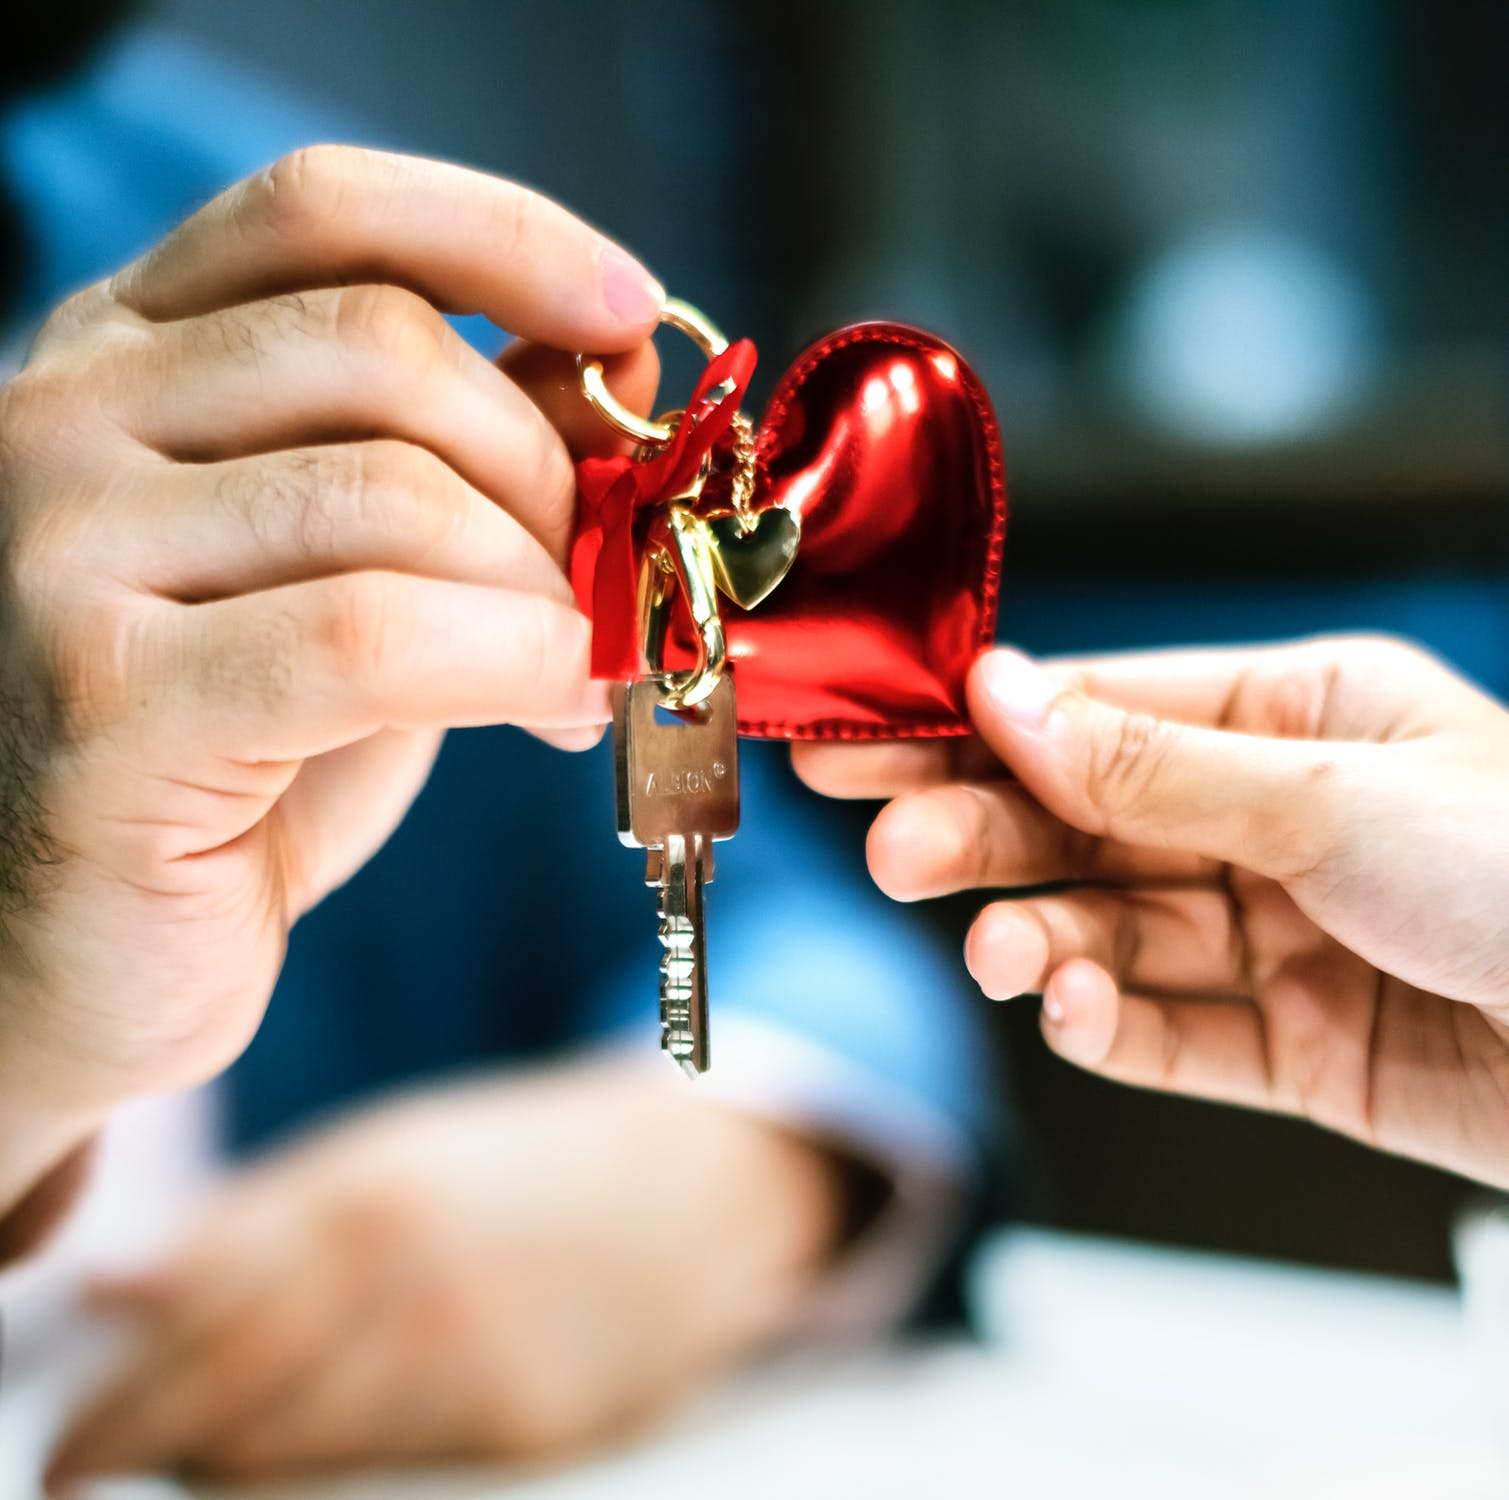 Trouver le bien immobilier idéal au Portugal n'est pas si compliqué si l'on est bien accompagné